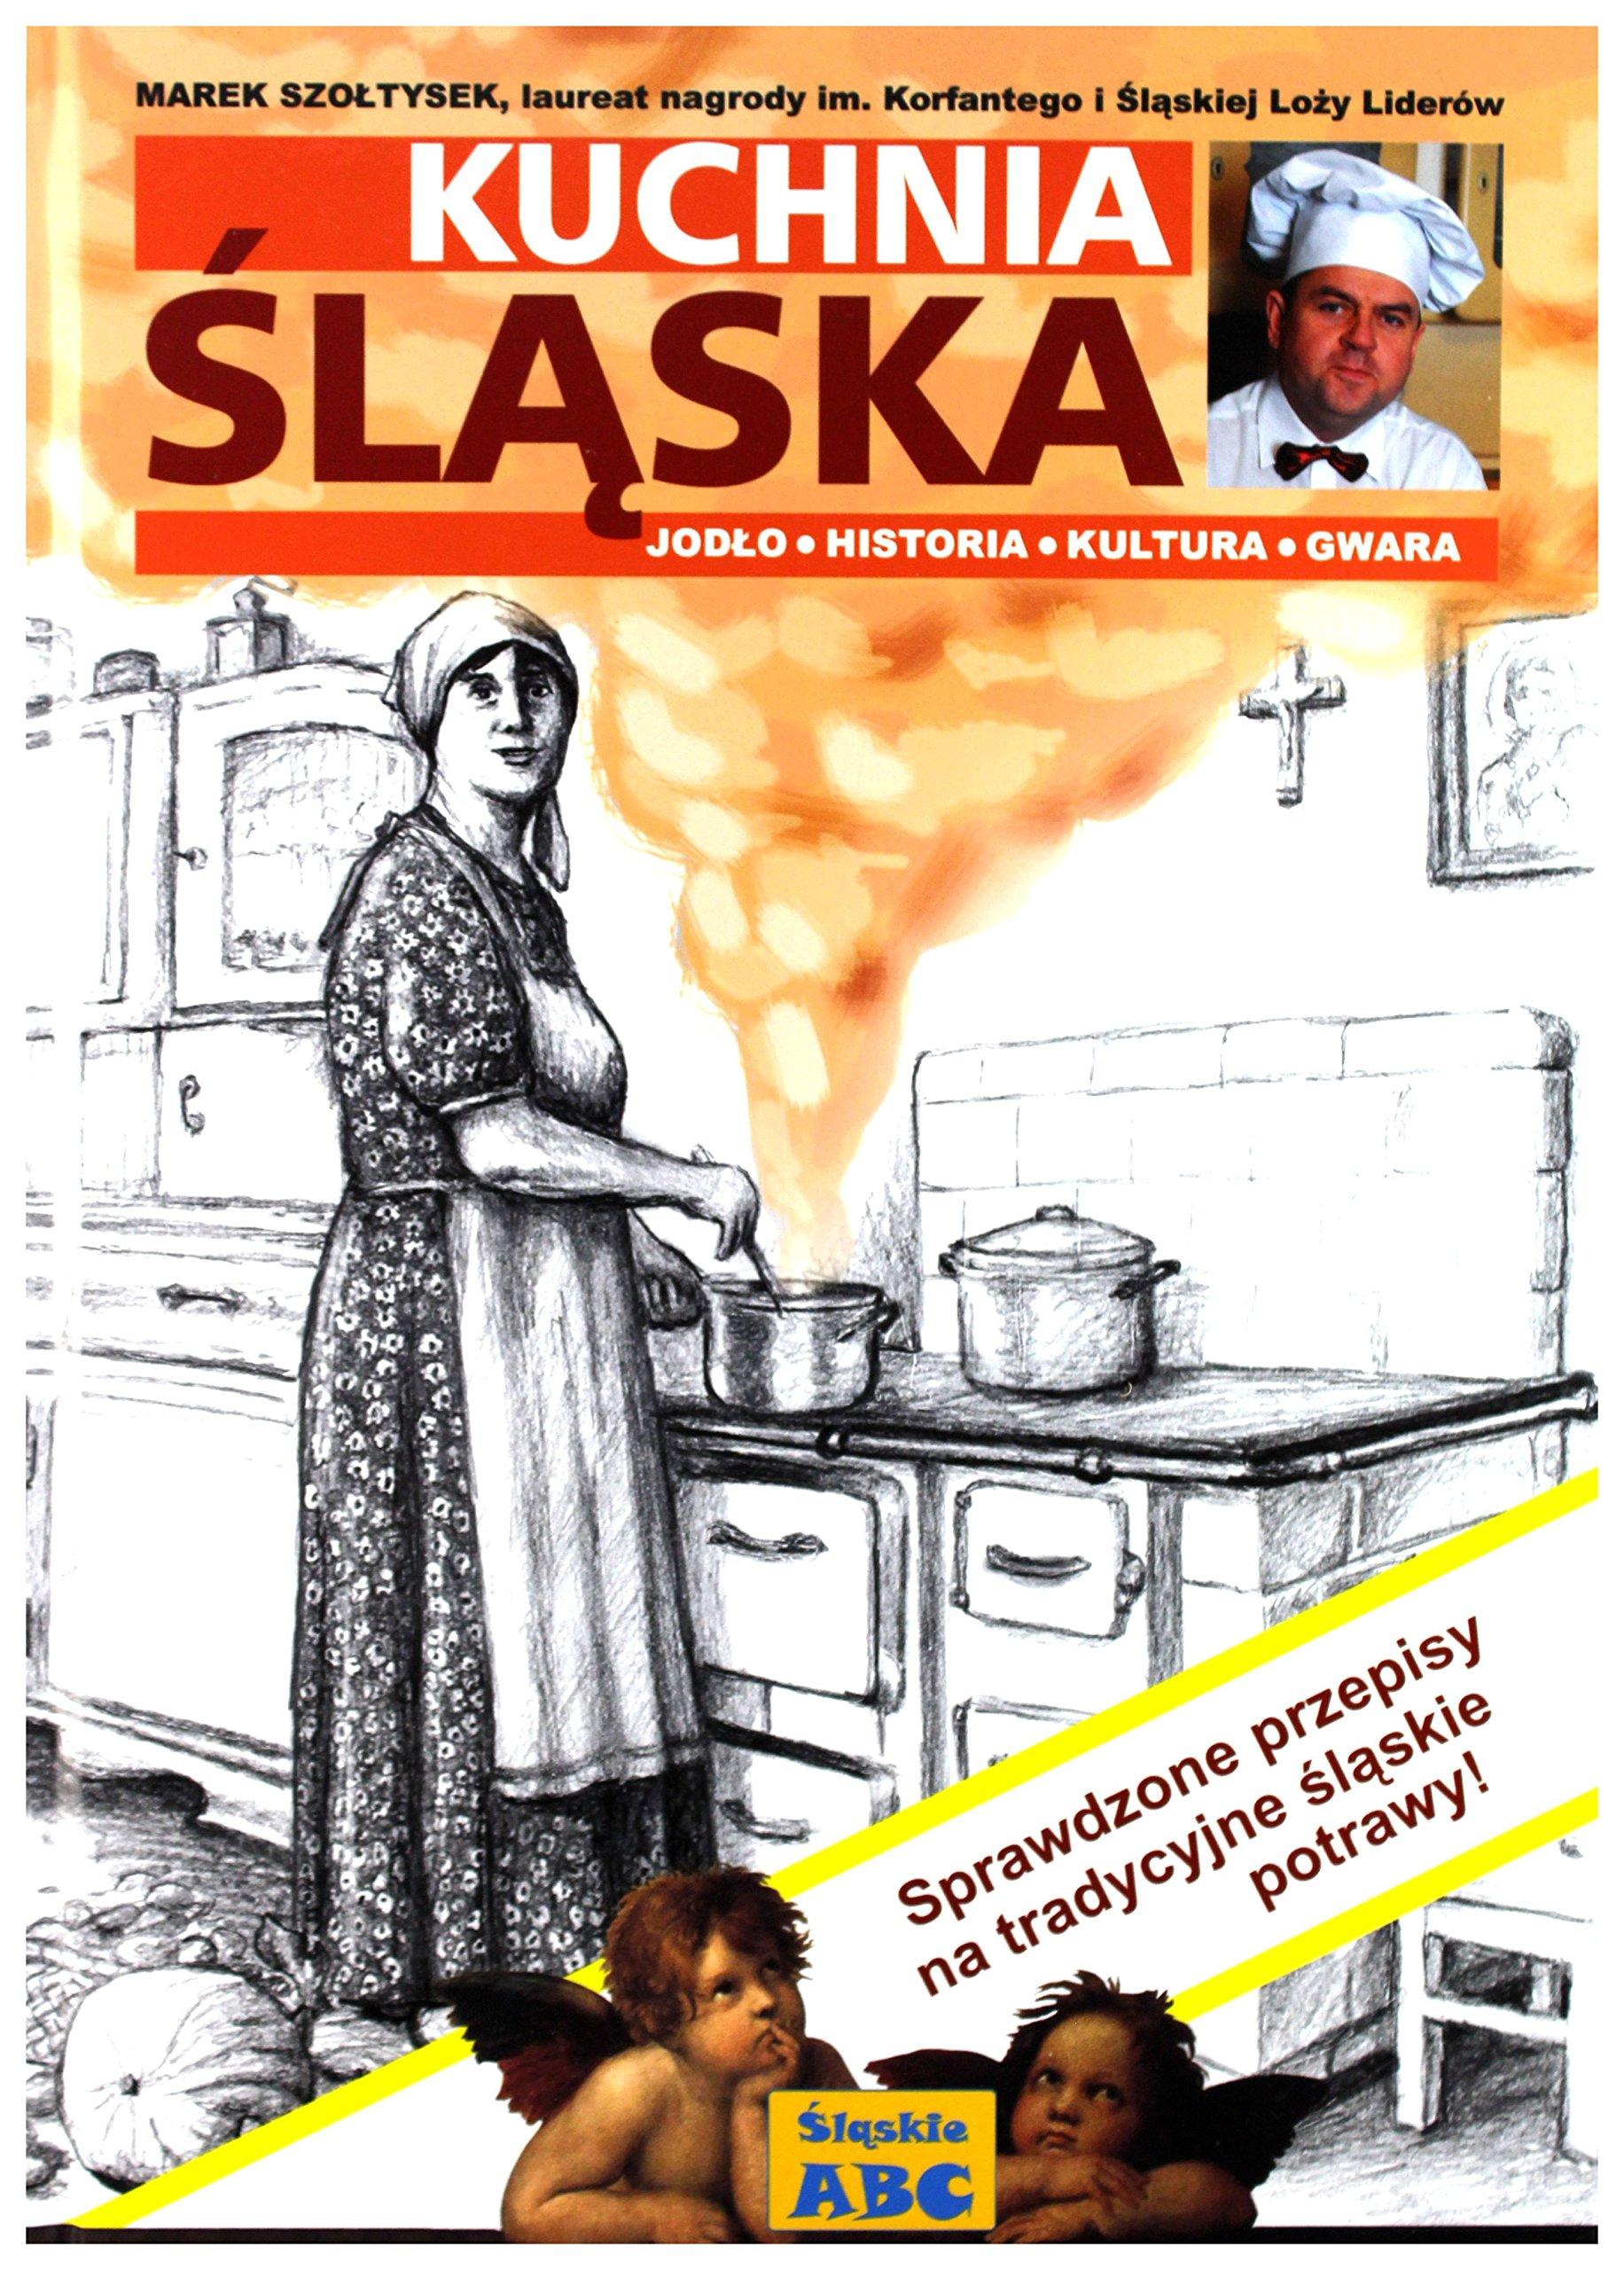 Kuchnia Slaska Marek Szoĺtysek 9788388966071 Amazoncom